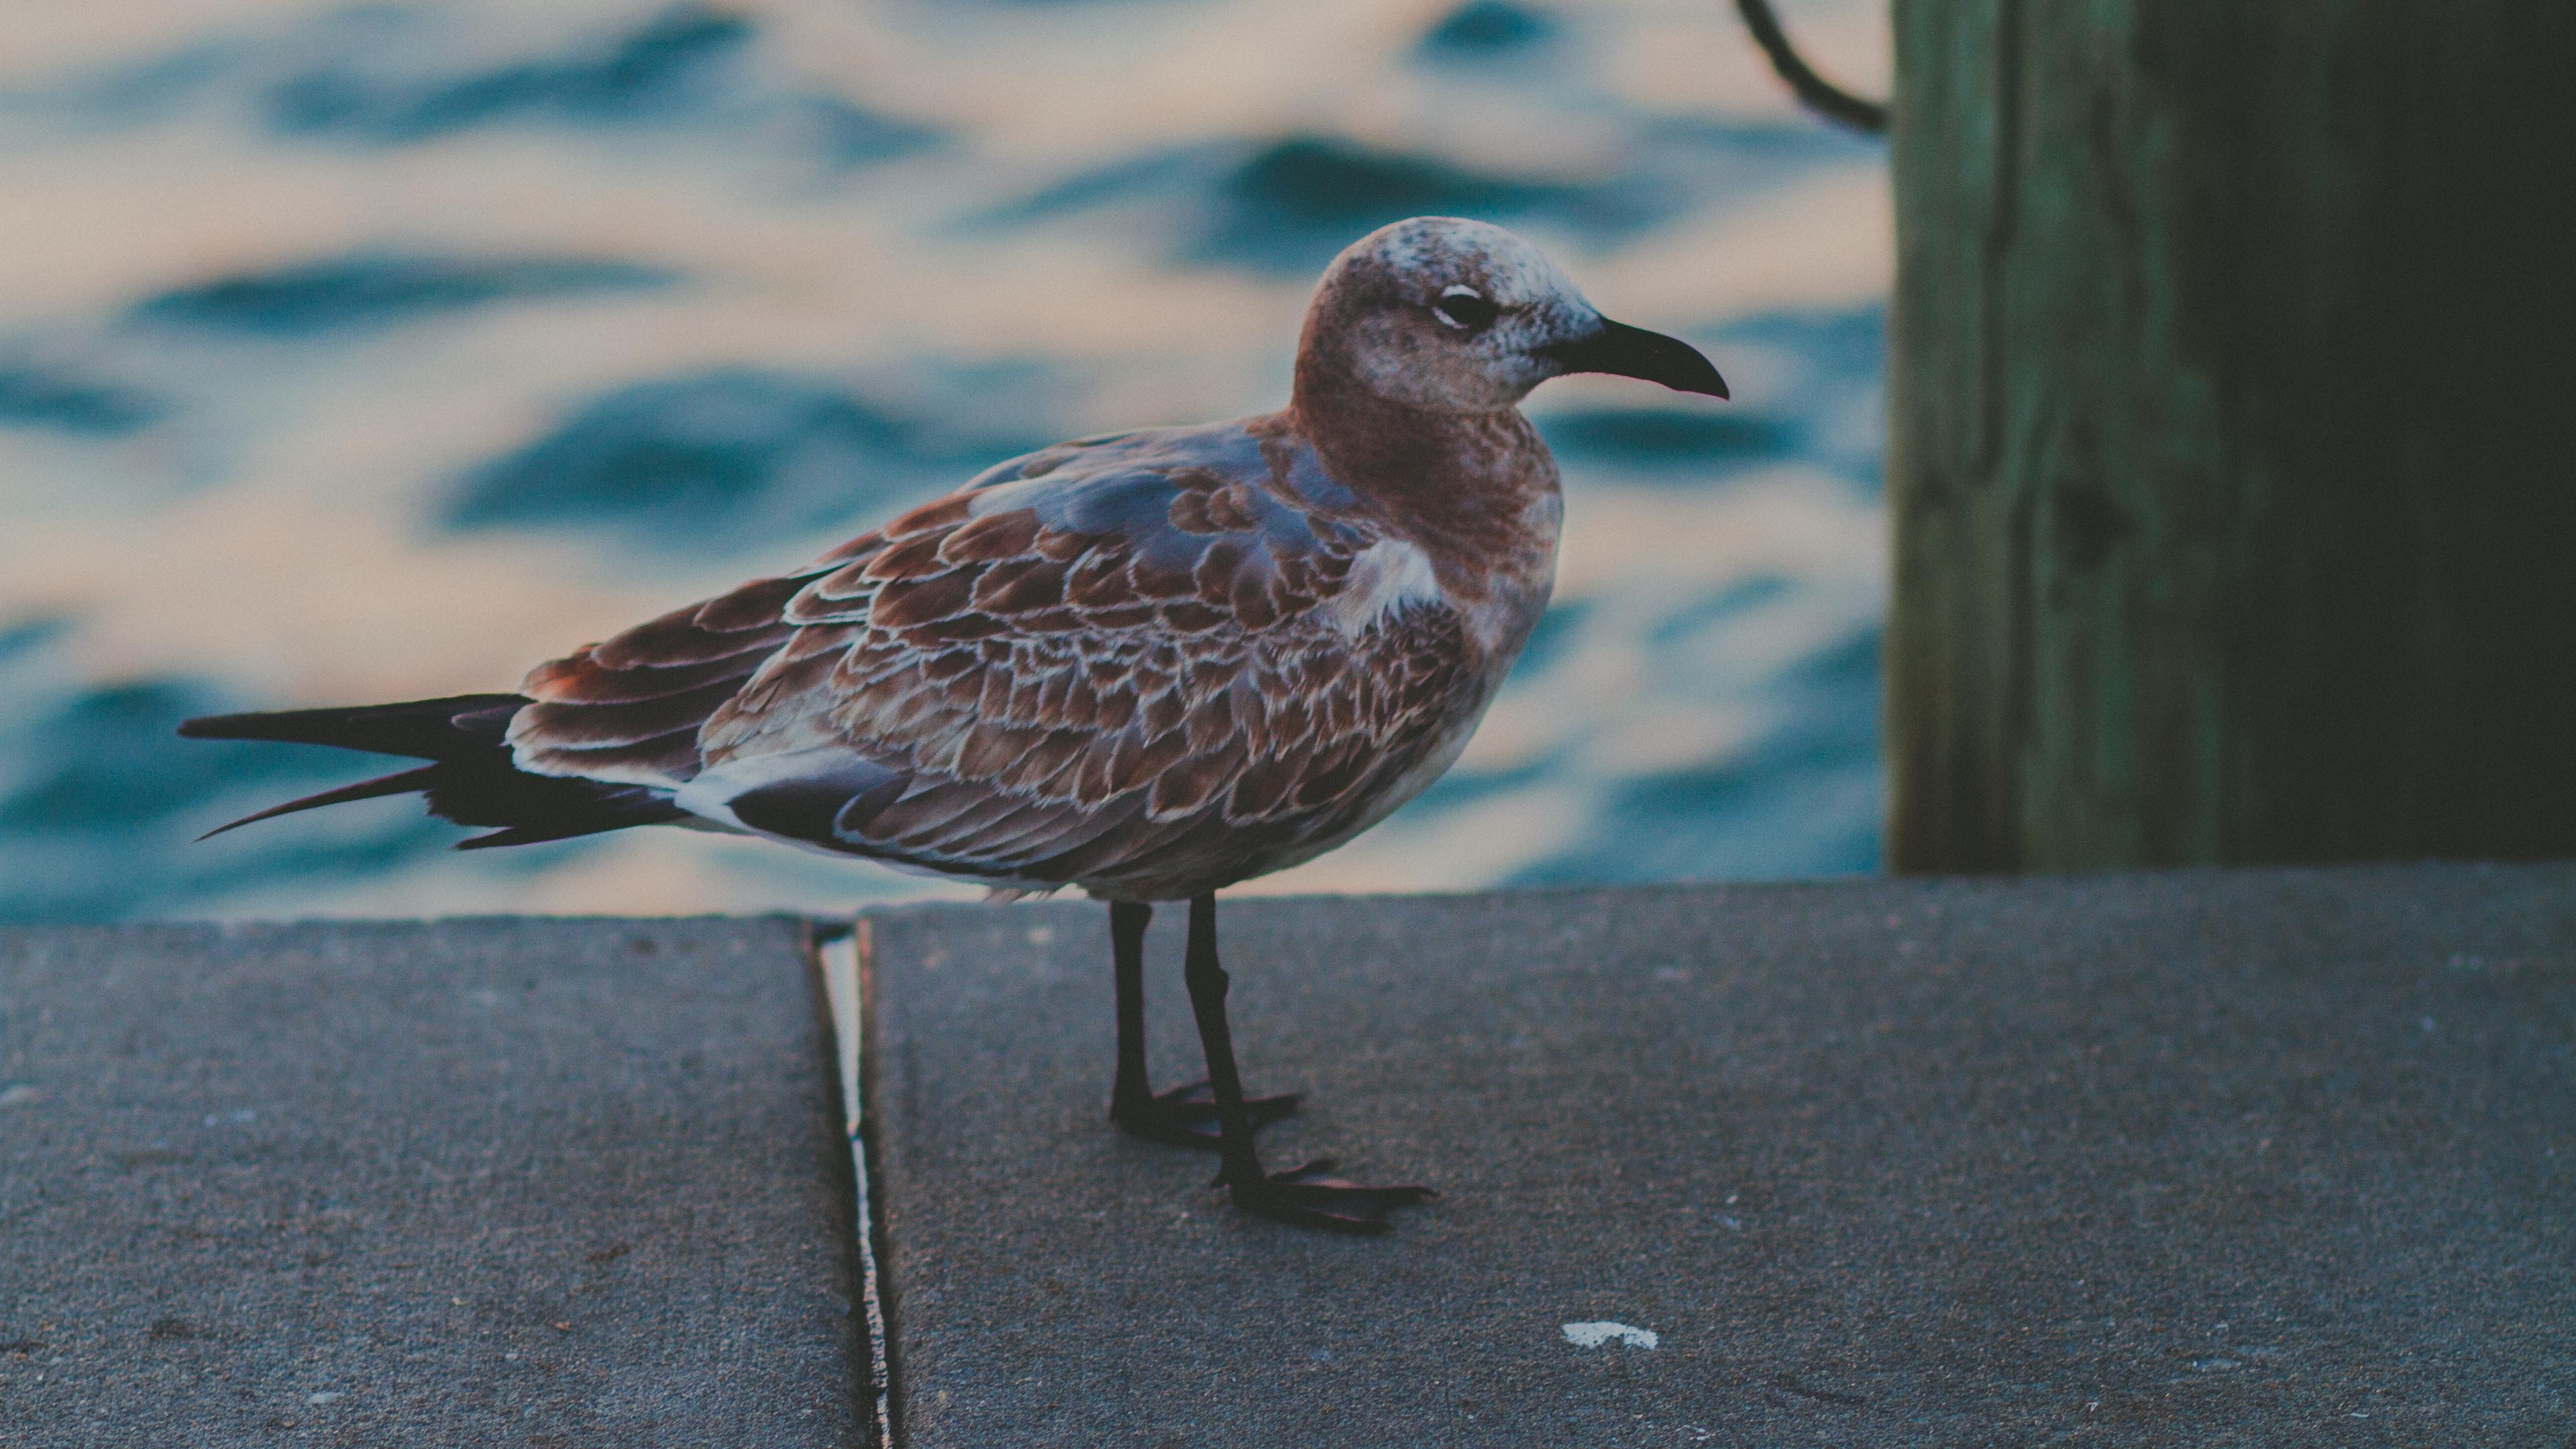 seagull sea bird spotted 4k 1542243057 - seagull, sea, bird, spotted 4k - Seagull, Sea, Bird